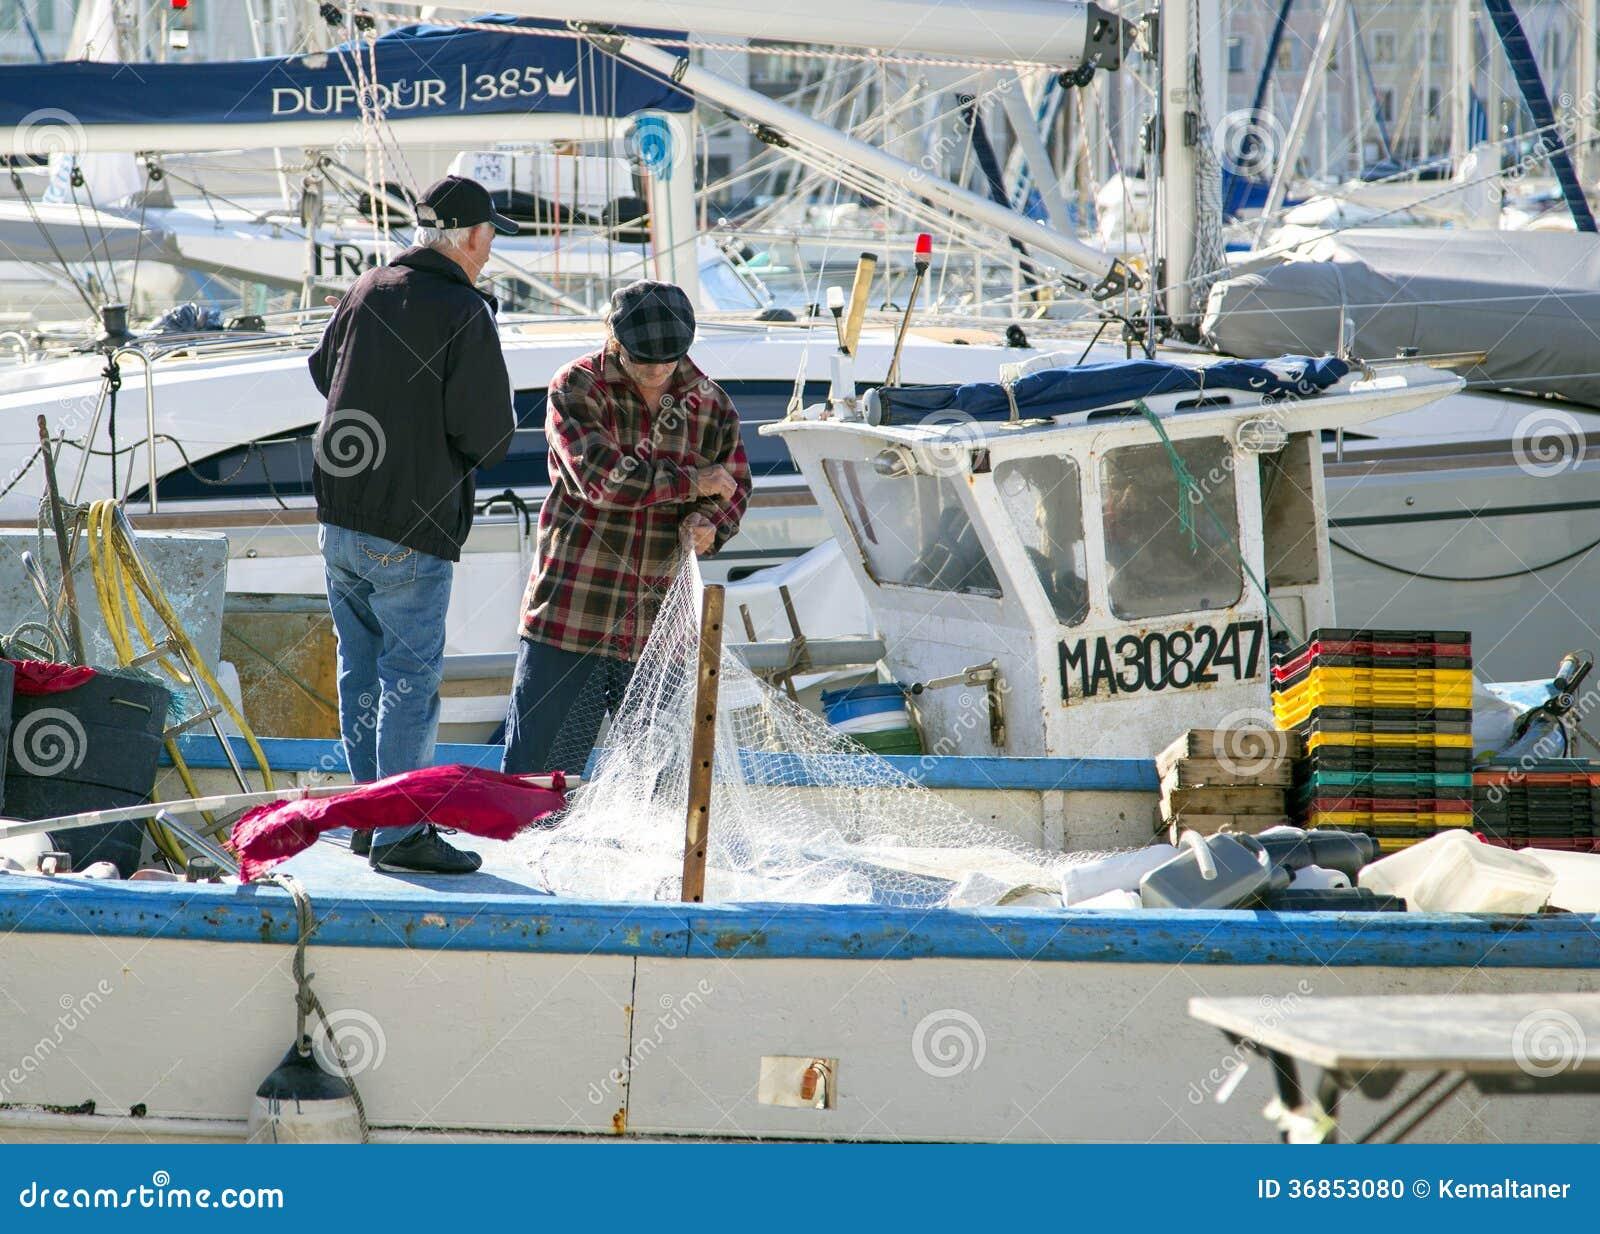 Bateau de p che au vieux port marseille france image - Promenade bateau marseille vieux port ...